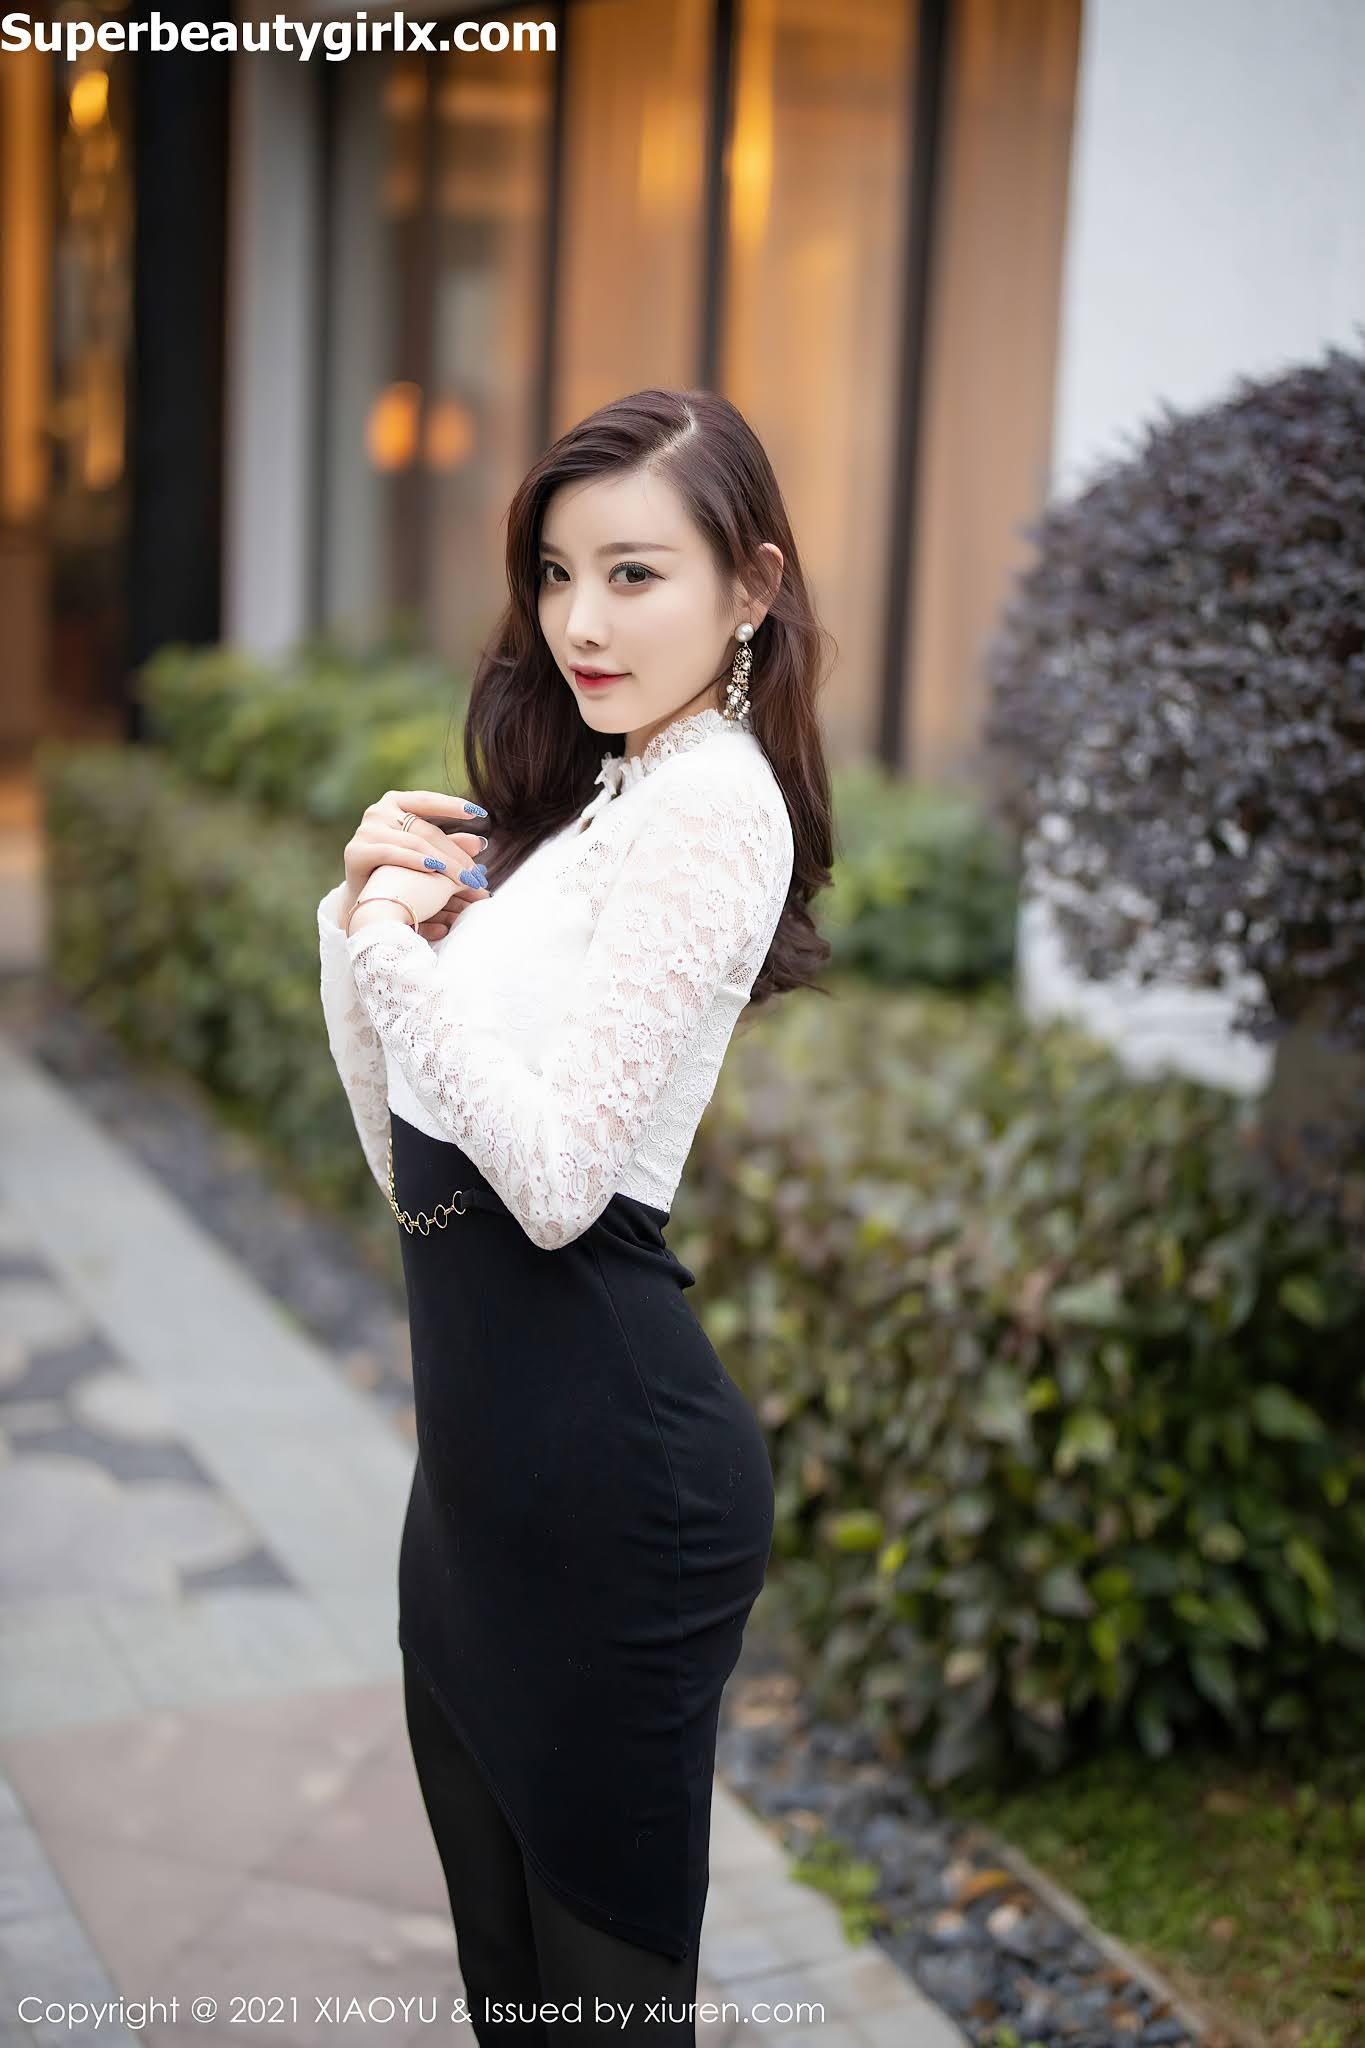 XiaoYu-Vol.462-Yang-Chen-Chen-sugar-Superbeautygirlx.com